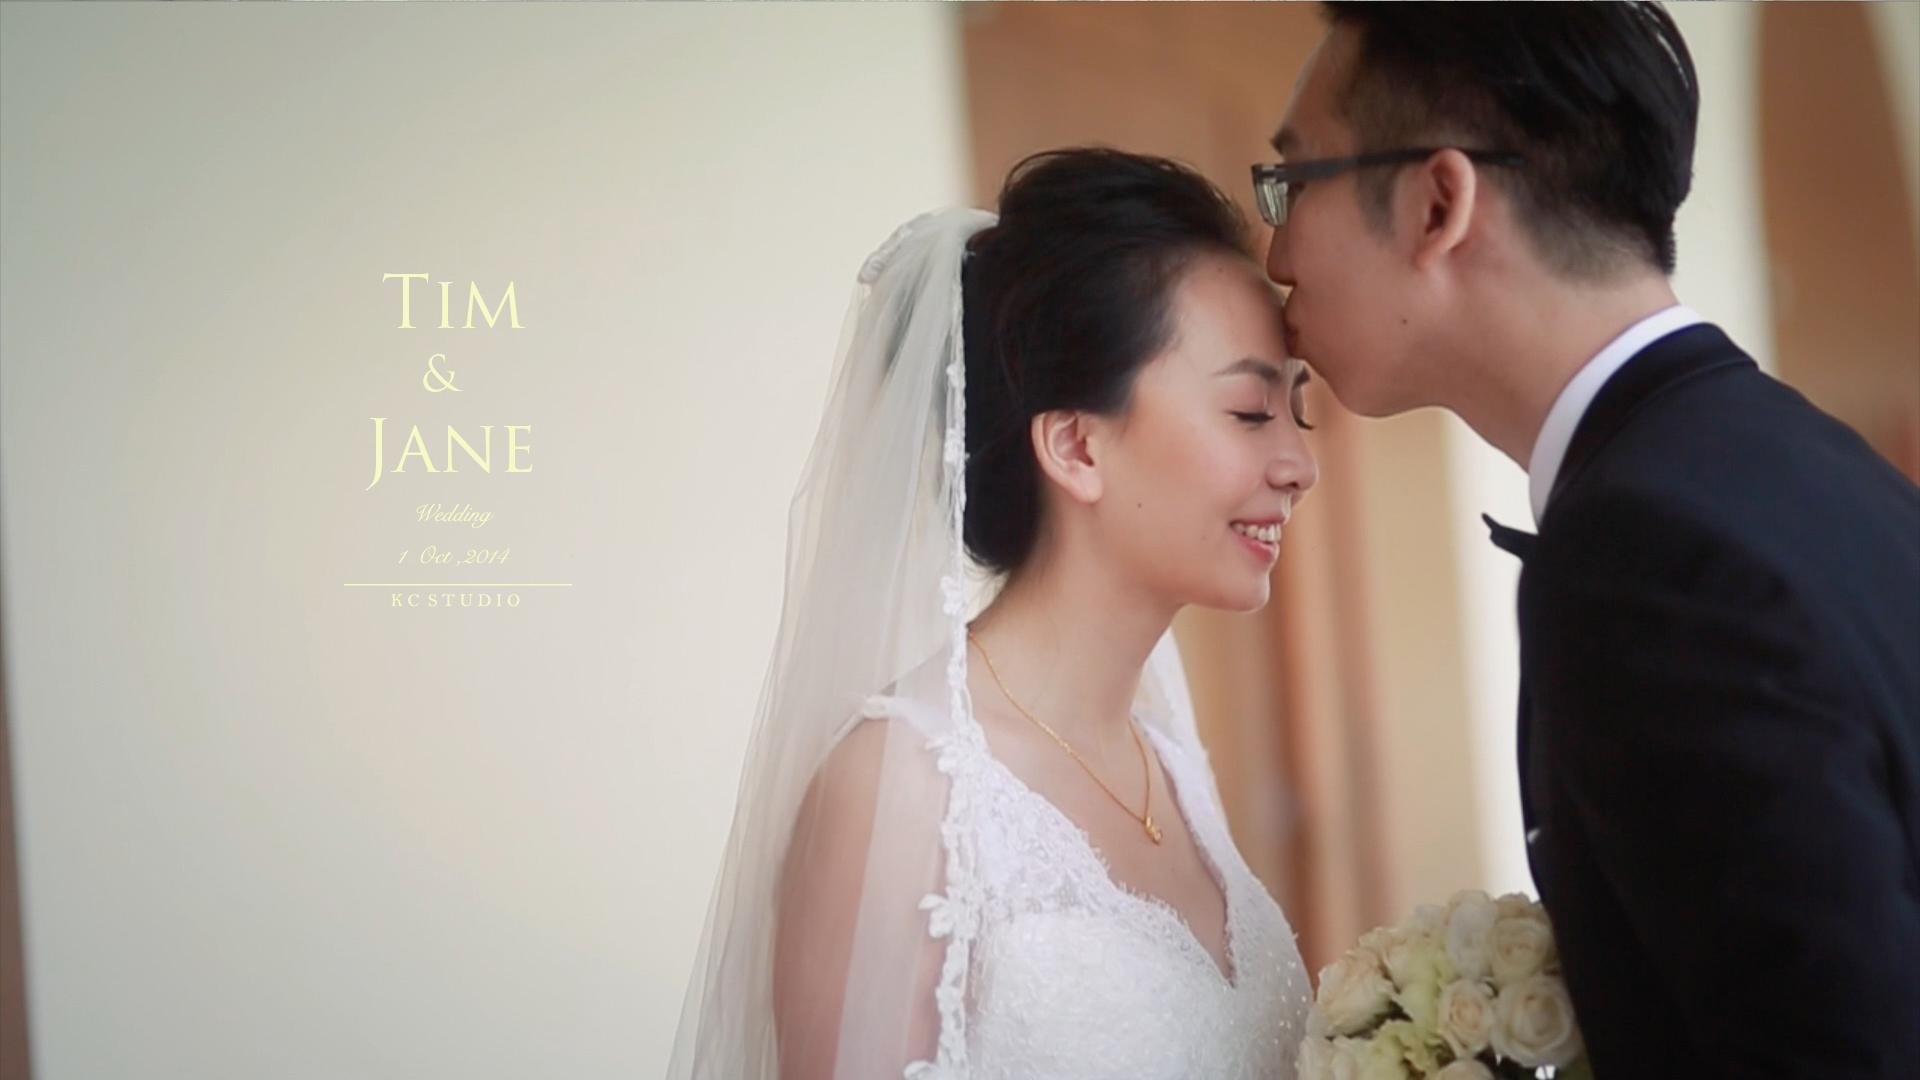 婚禮錄影,婚錄,Tim .Jan,迎娶,午宴,南方莊園